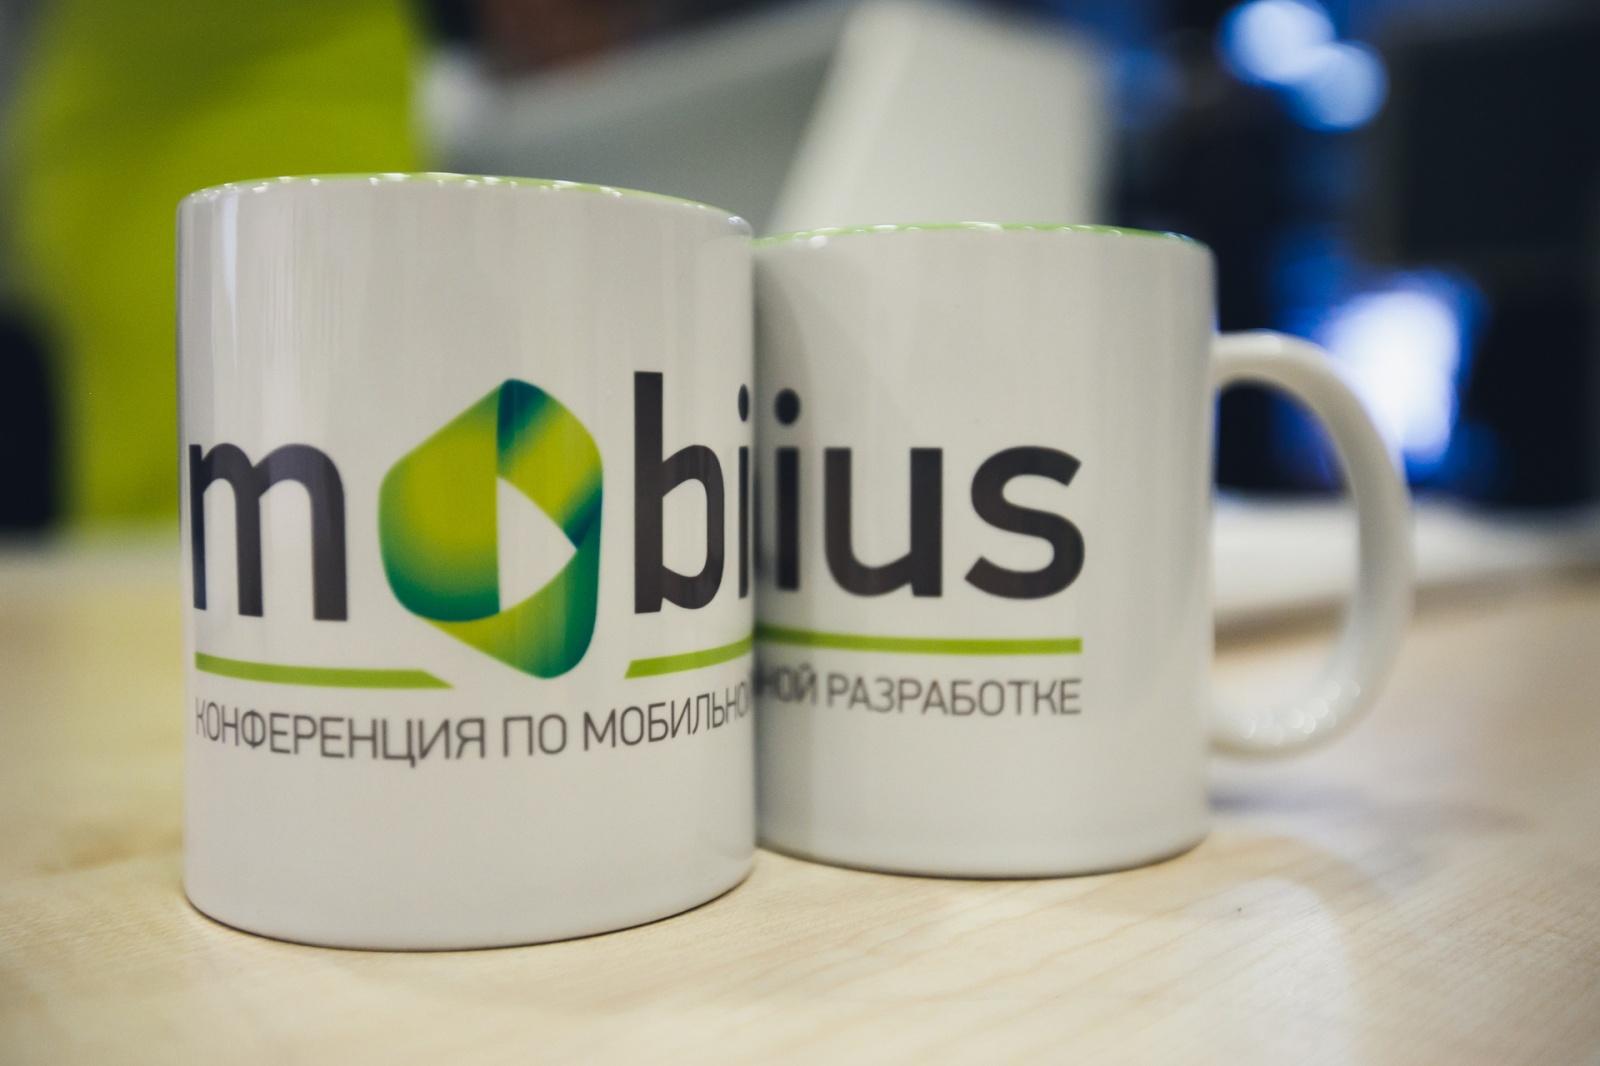 Конференция Mobius: как в мобильных устройствах открывали неочевидное - 1